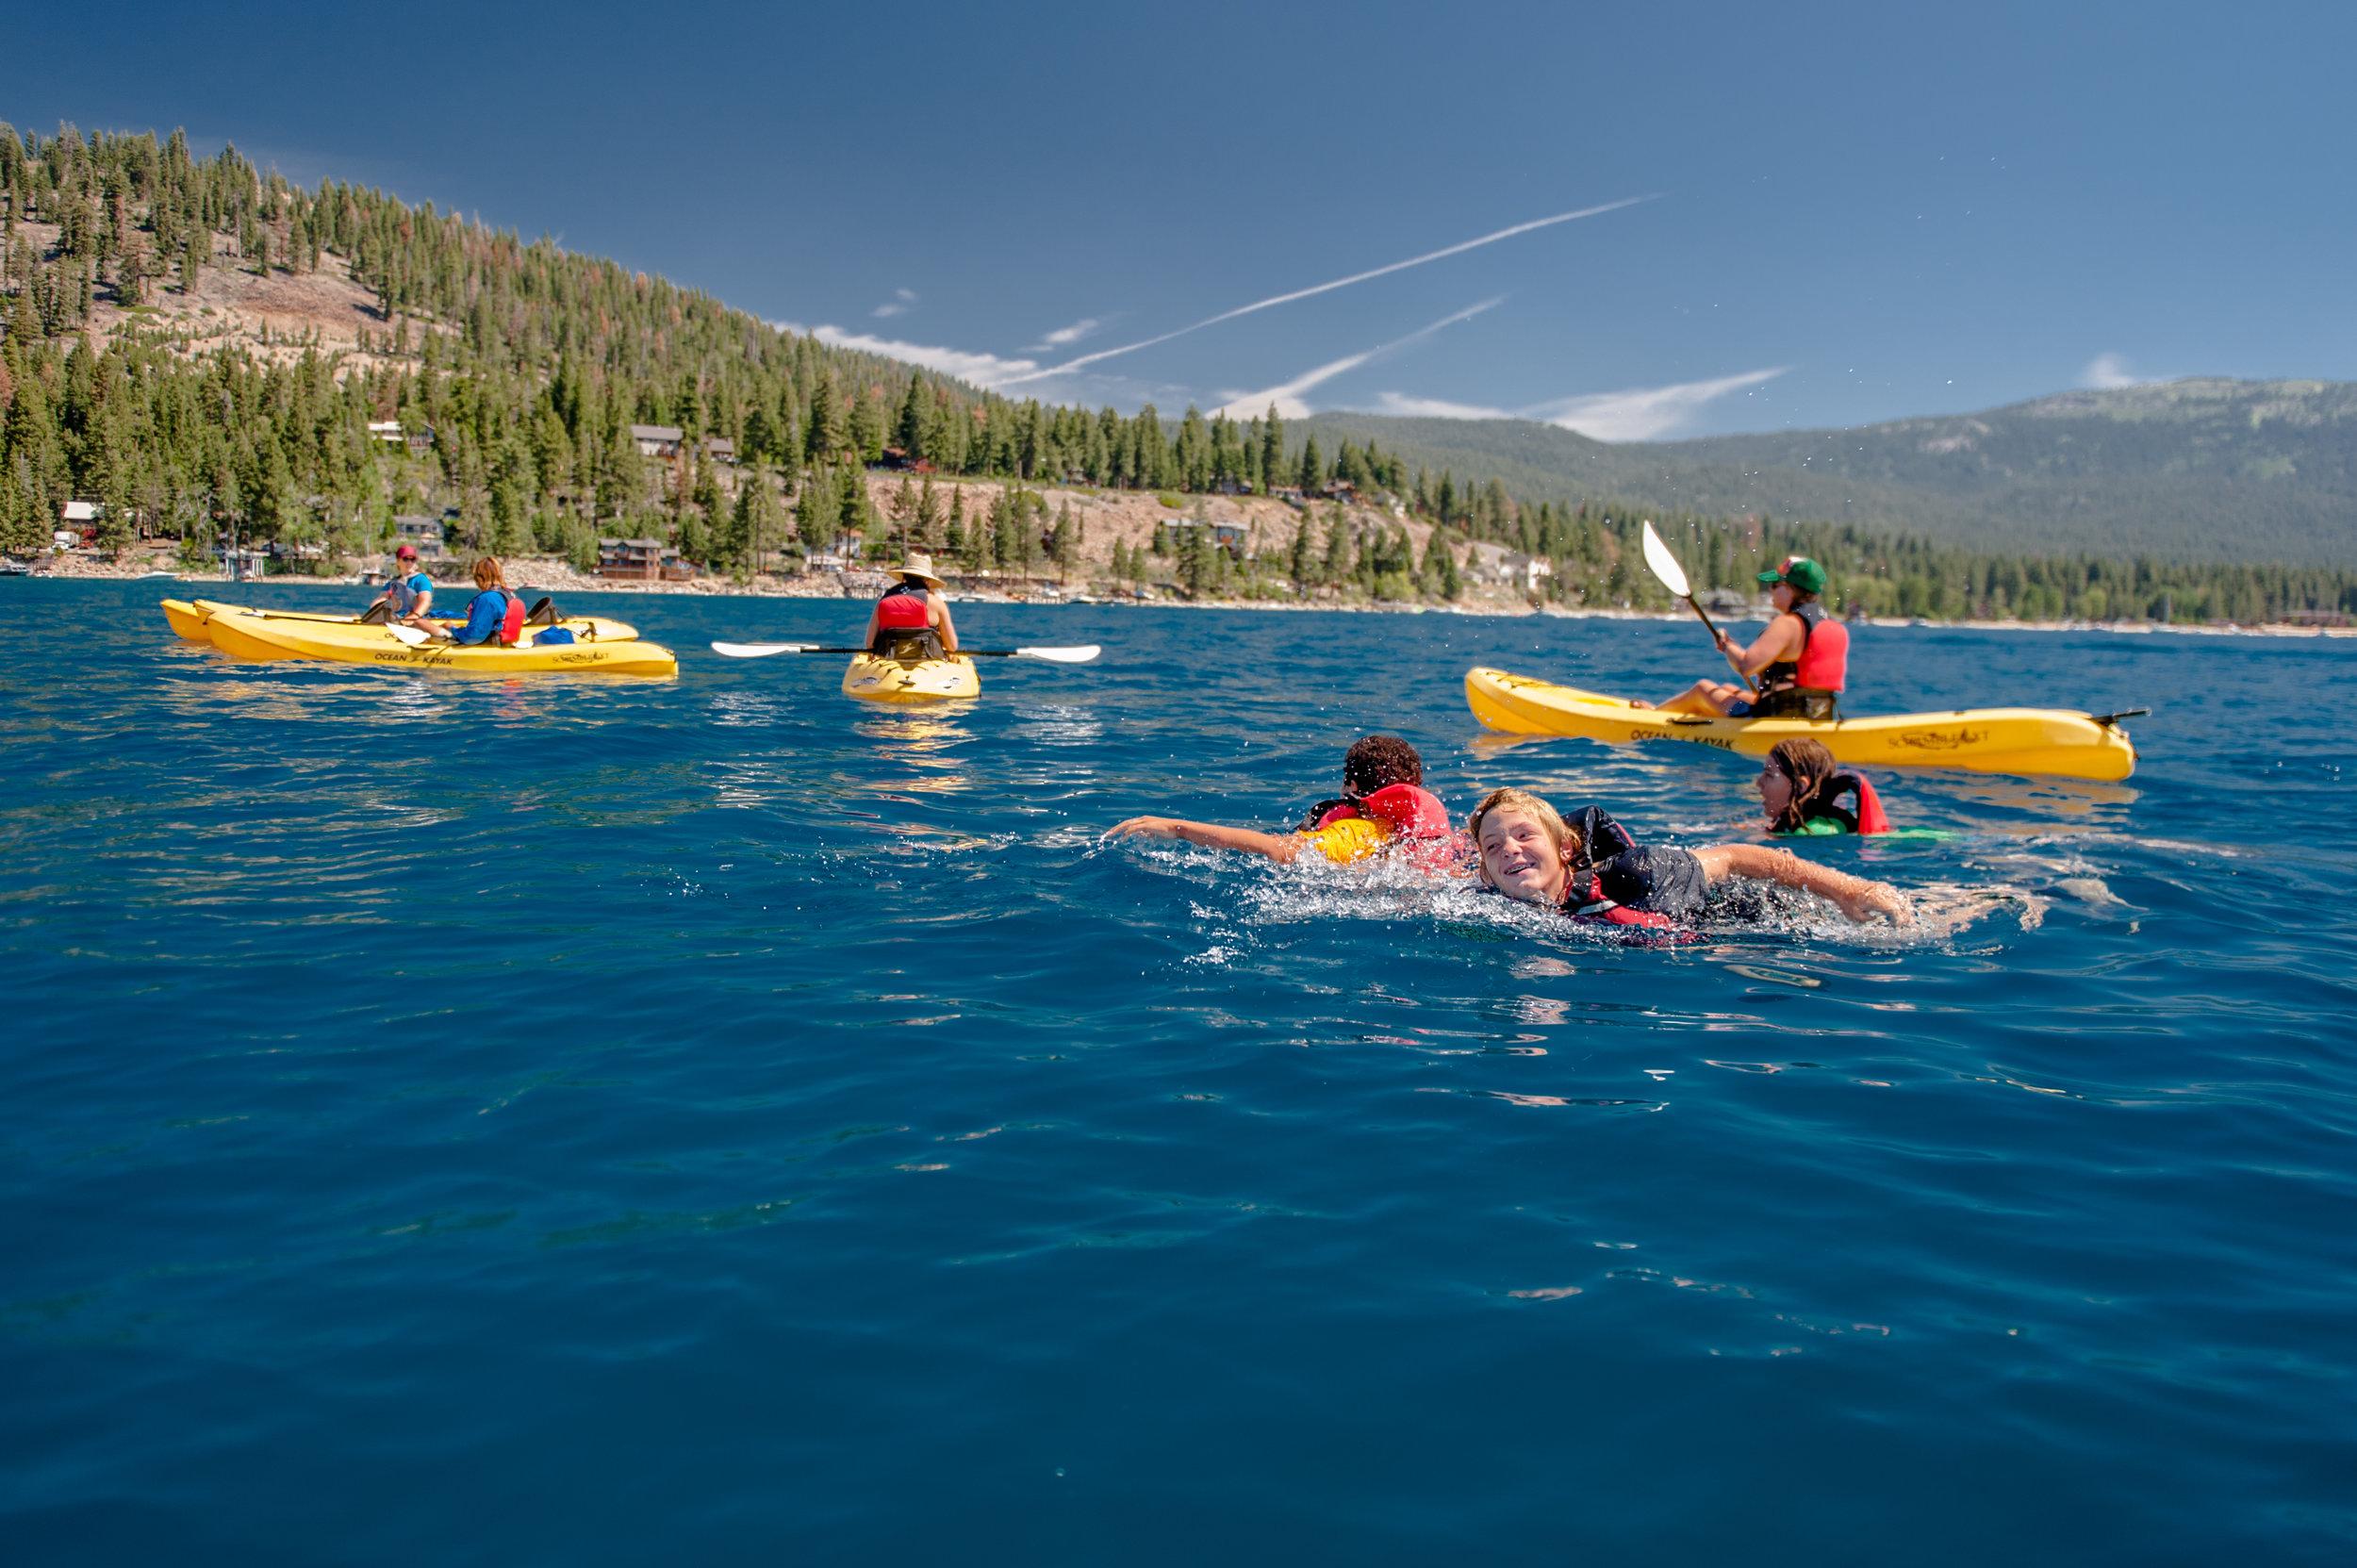 2016_WA_CD1_Tahoe_Kayaking-28.jpg